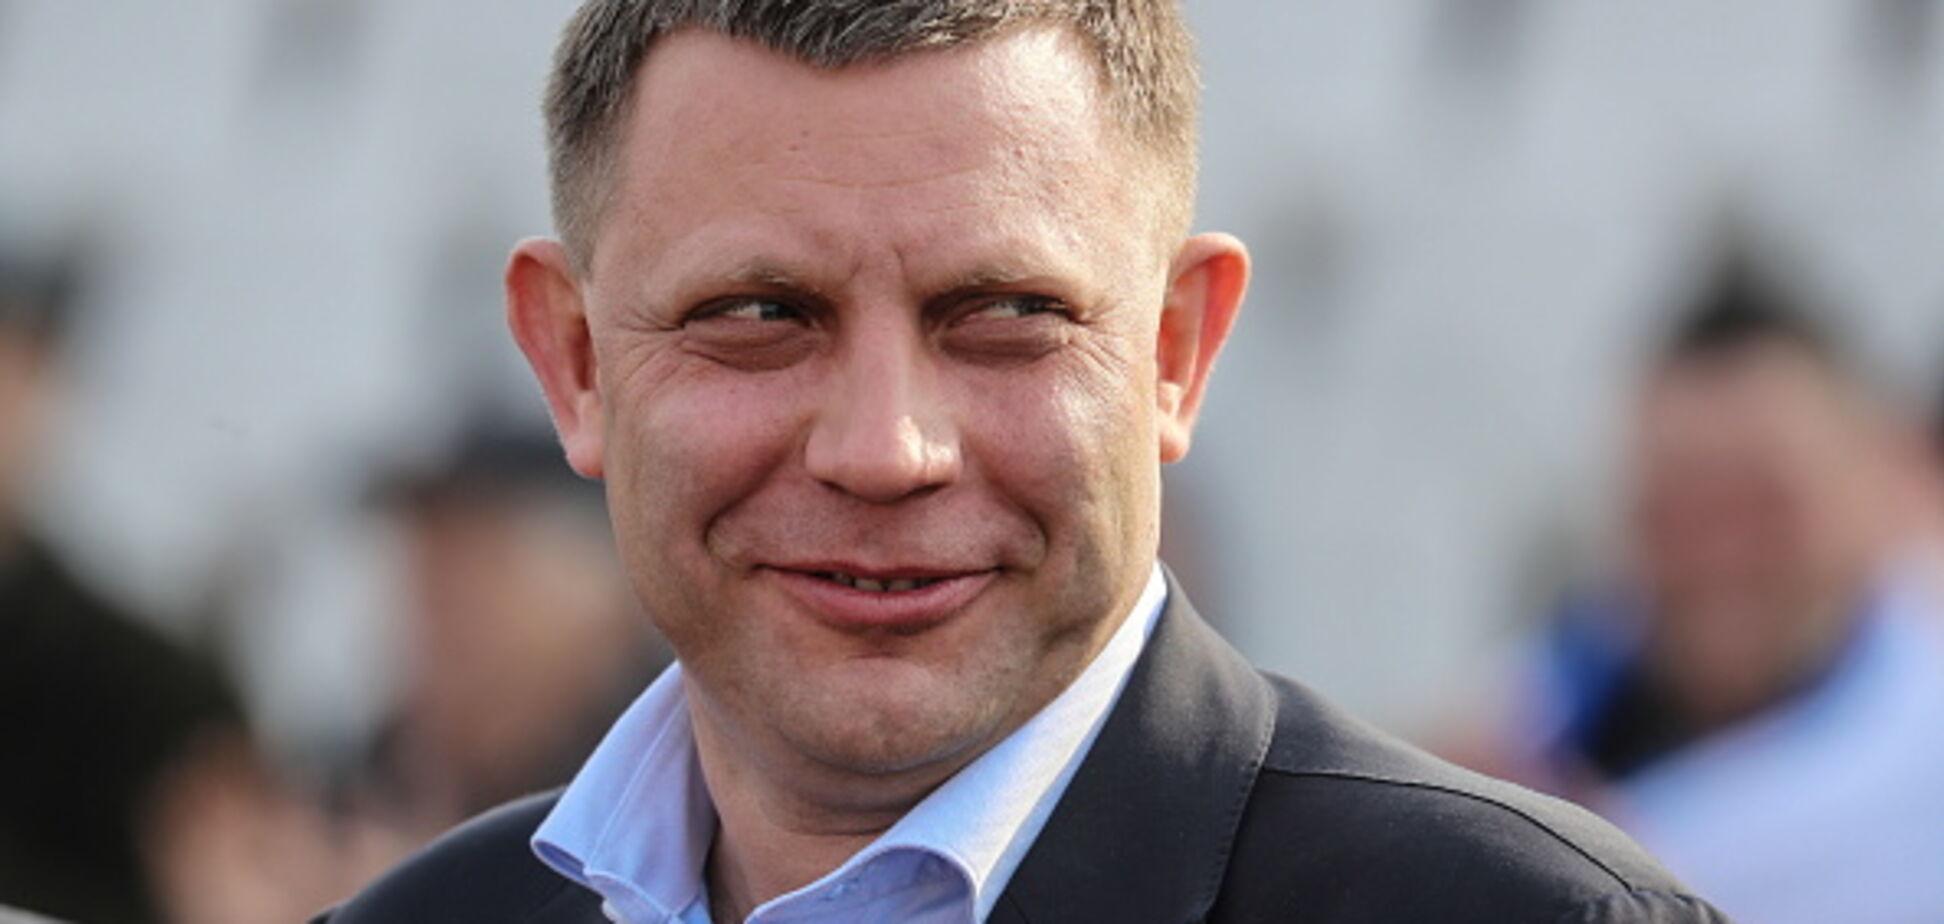 Київ готується до війни: Захарченко зробив заяву щодо миротворців на Донбасі